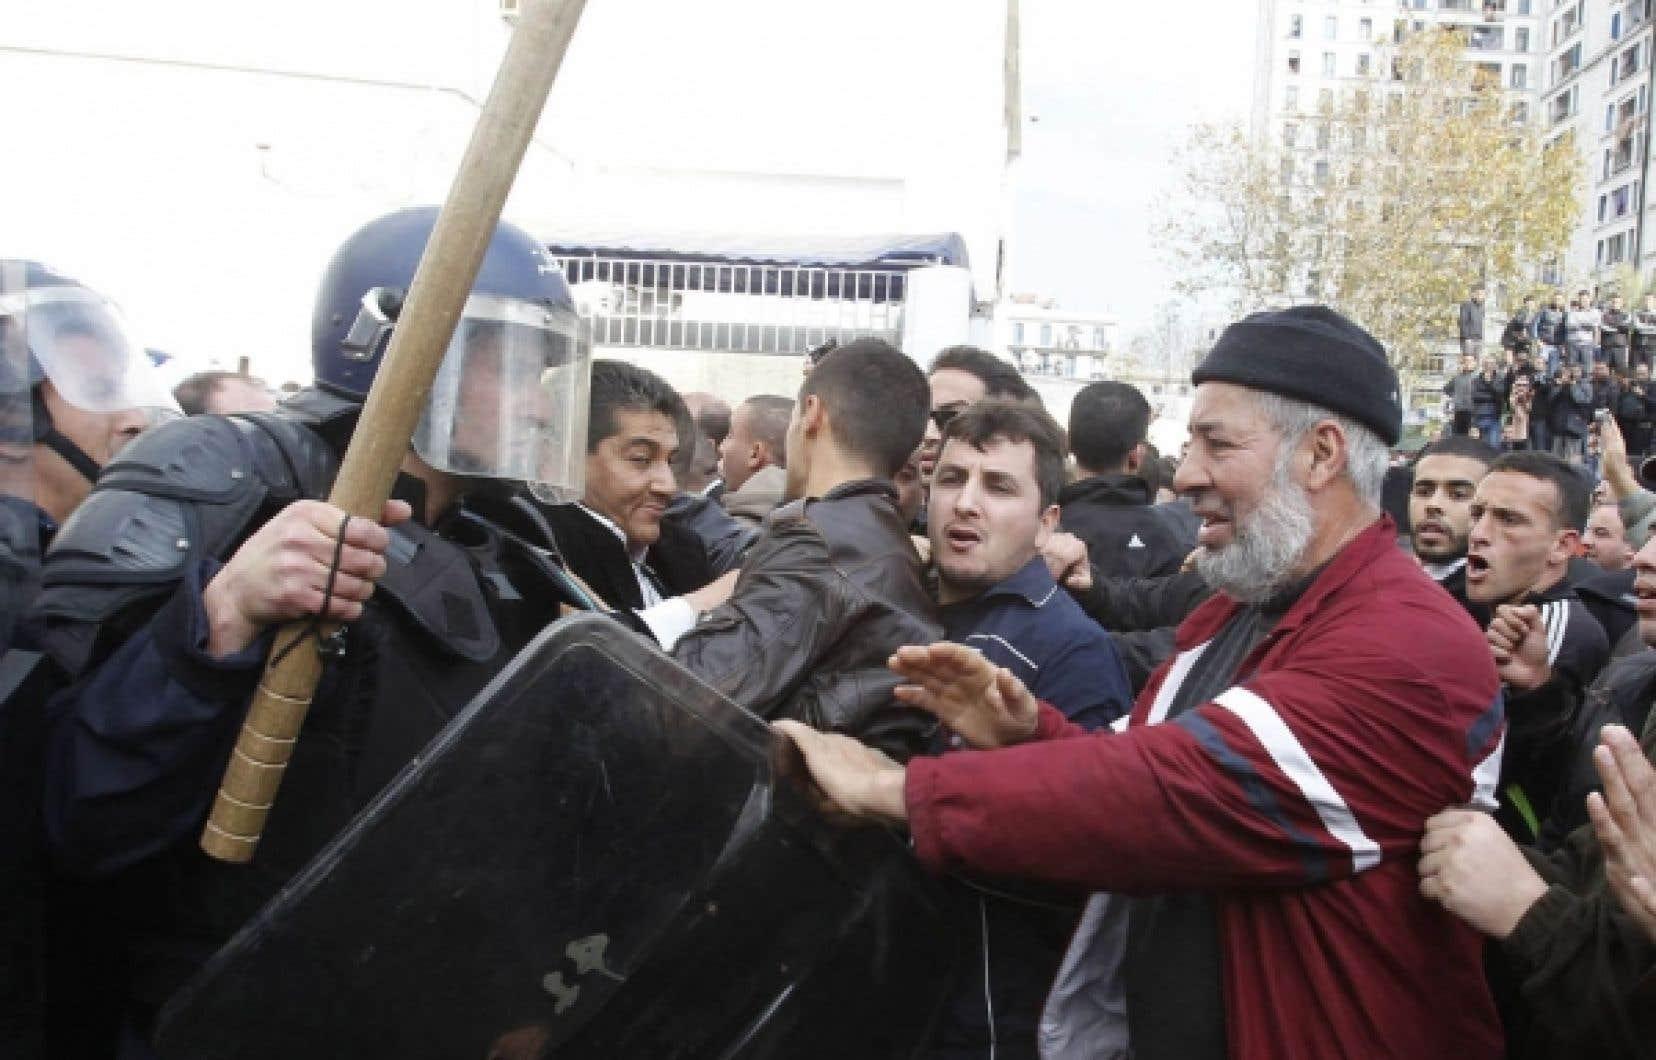 Un policier algérien brandissait une matraque de bois alors que la foule manifestait, samedi à Alger. Pendant plus de cinq heures qu'a duré le rassemblement, les manifestants ont dû lutter pour éviter d'être dispersés ou divisés en plusieurs groupes plus faciles à repousser par les forces anti-émeutes.